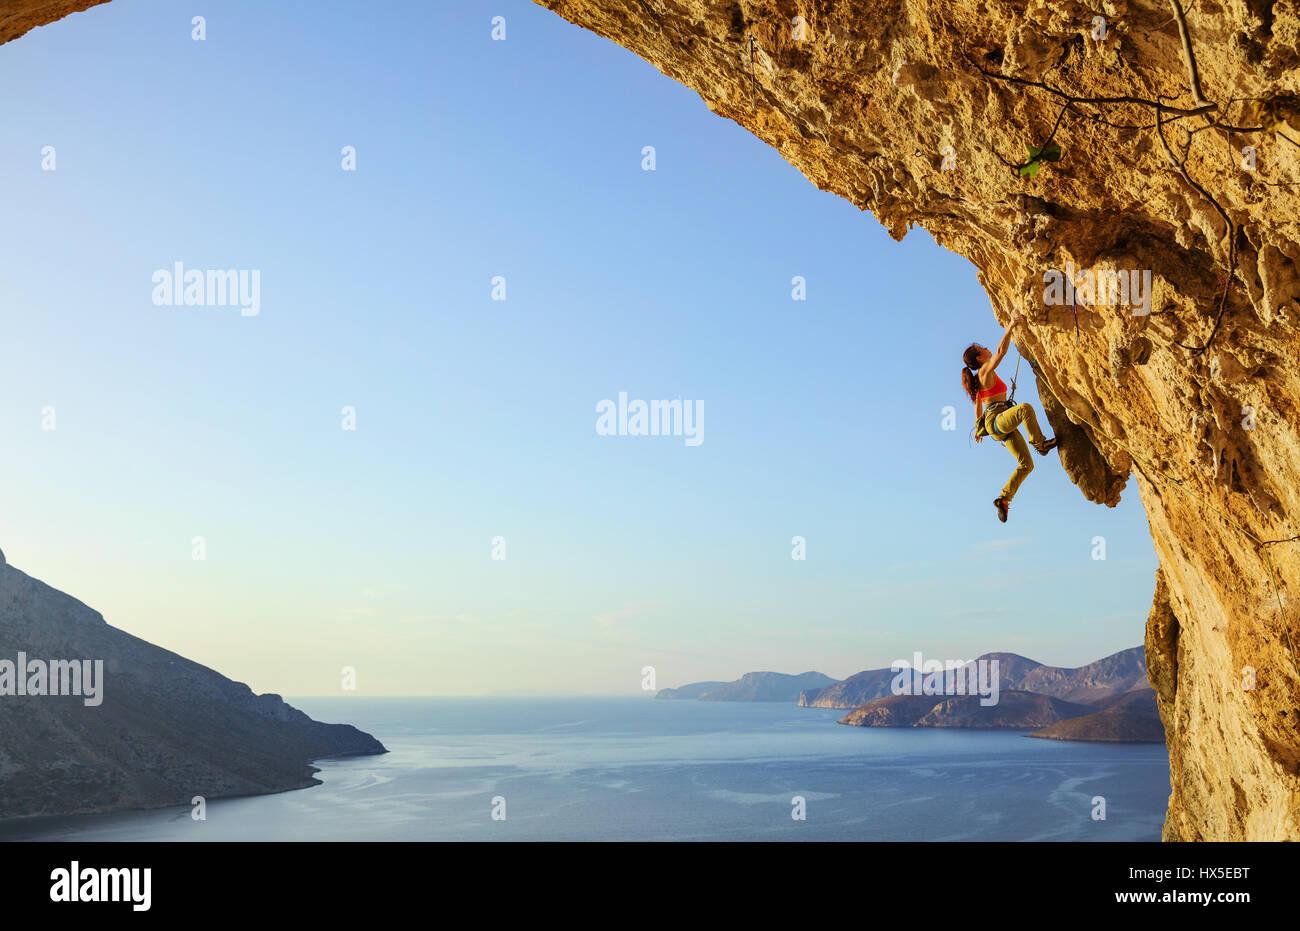 Giovane donna di arrampicata percorso impegnativo in grotta al tramonto, Kalymnos Island, Grecia Immagini Stock